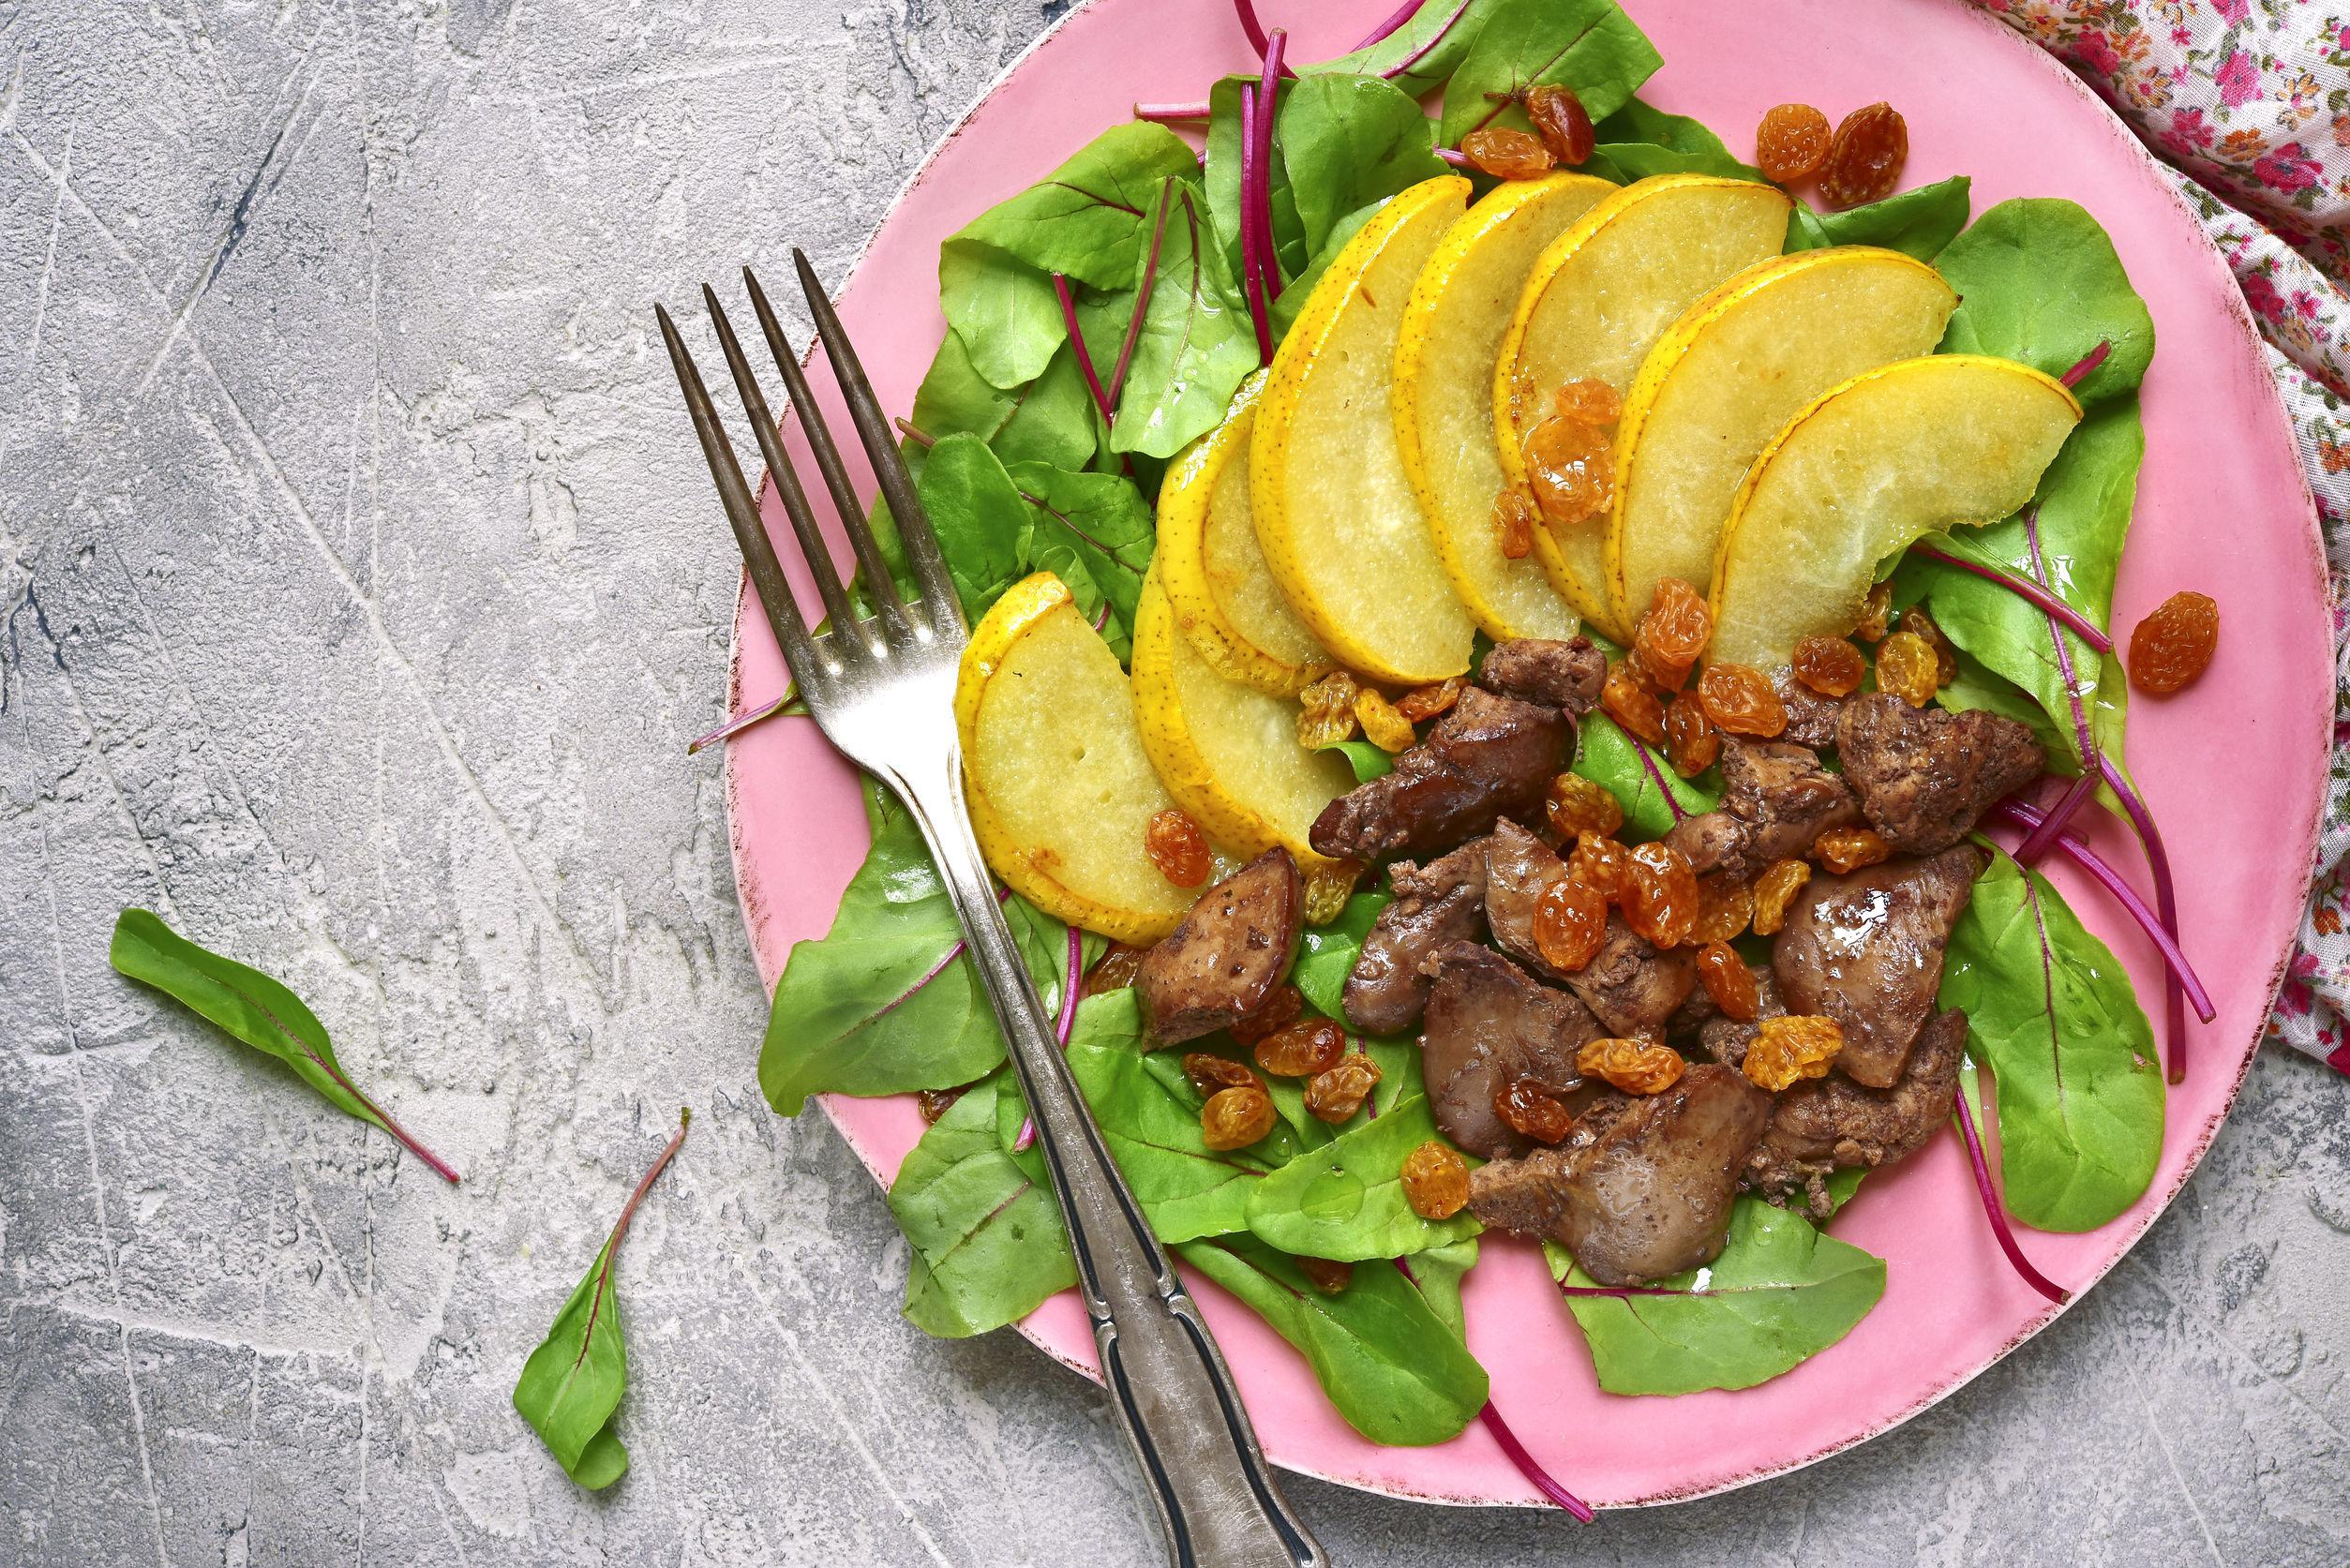 Salată cu ficăţei de pui, pere caramelizate şi stafide